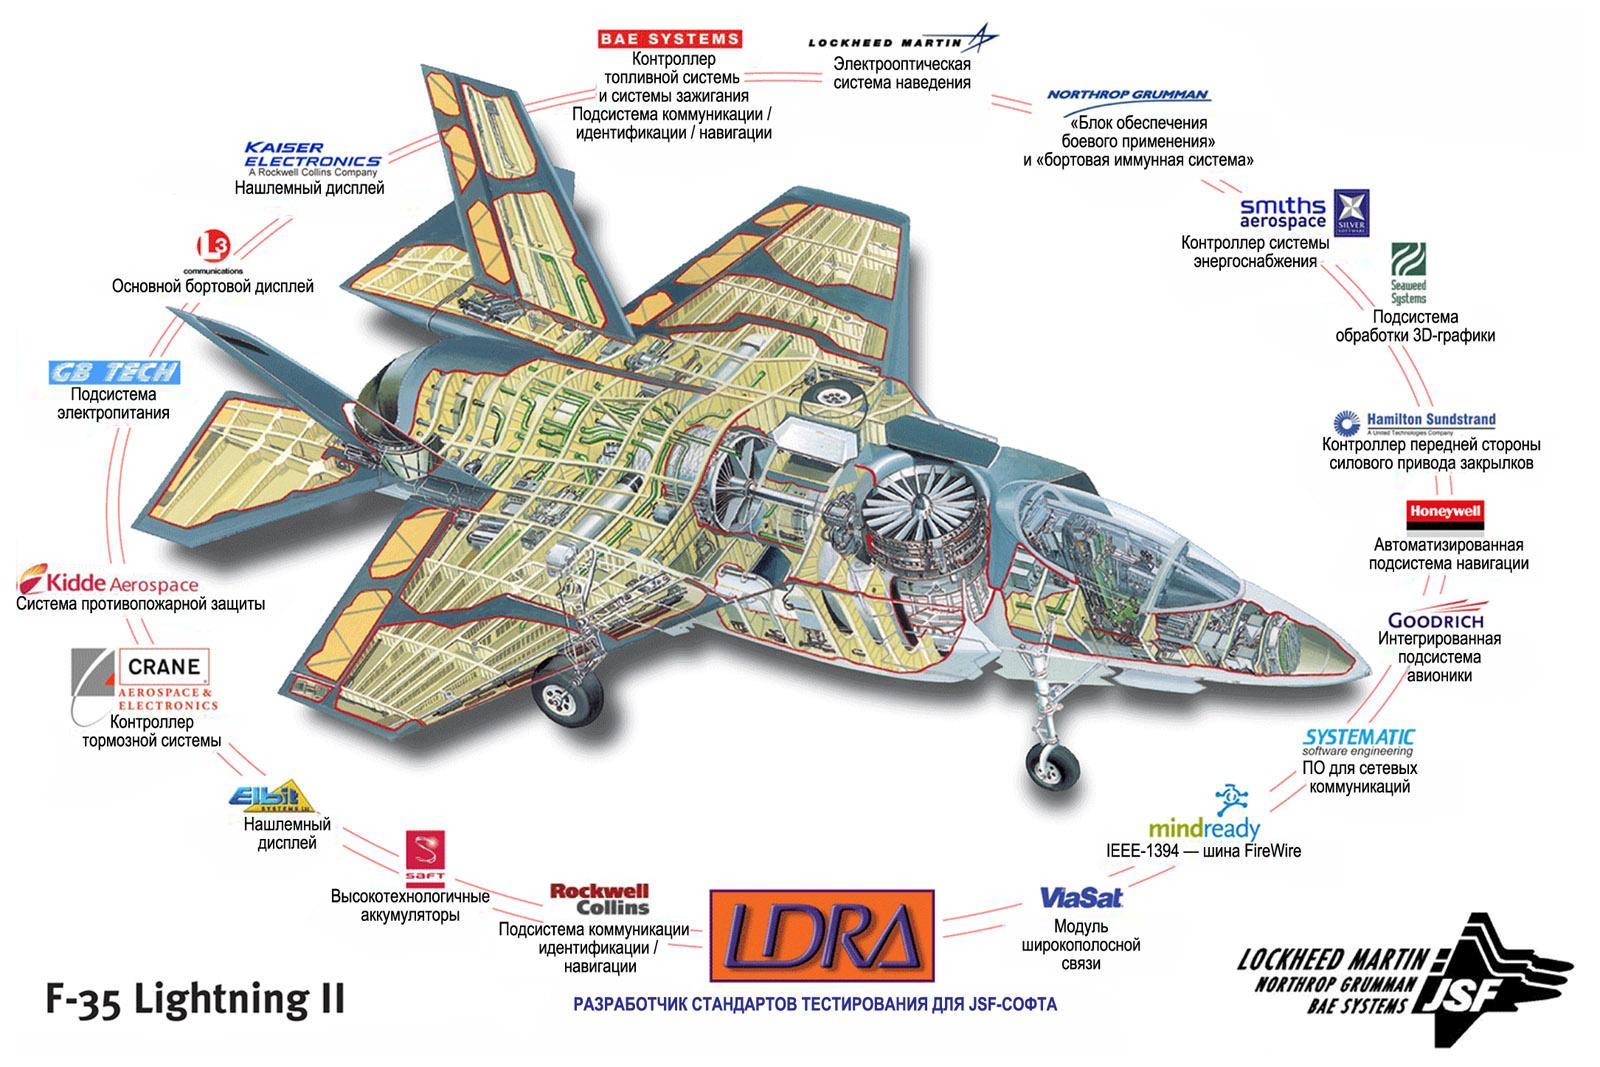 Аппаратные компоненты бортовой МПС унифицированного ударного истребителя F-35